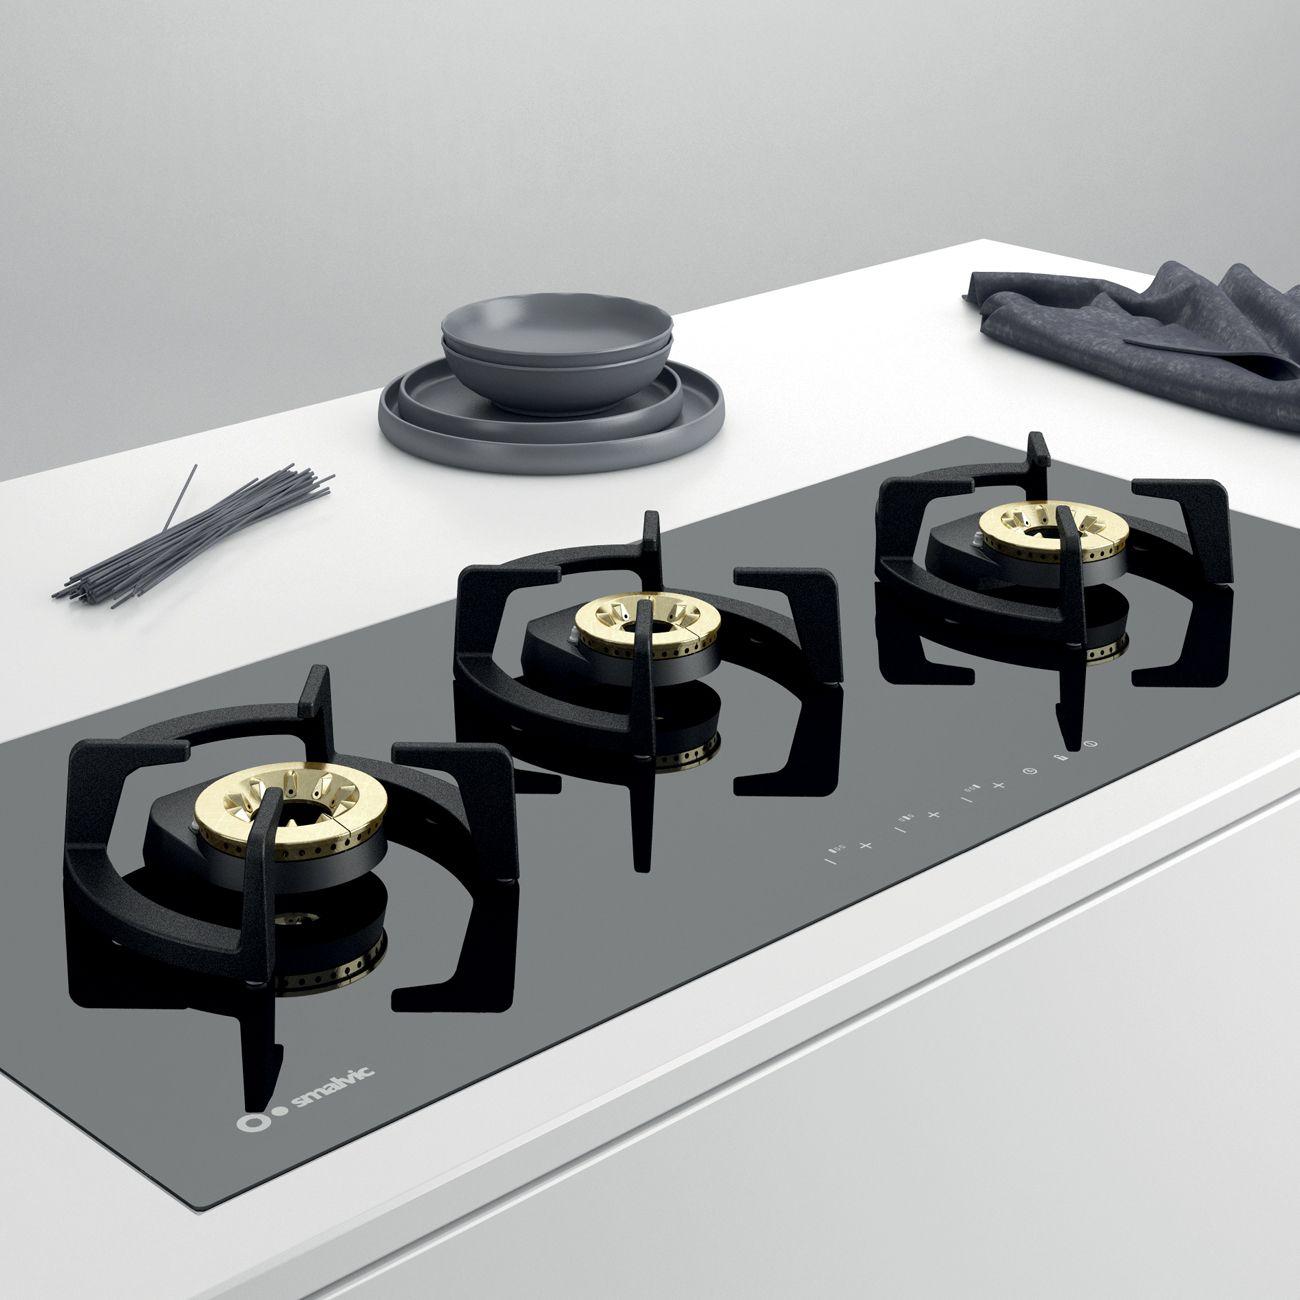 elettrodomestici smart in cucina | casa | pinterest ... - Cucina Elettrodomestici